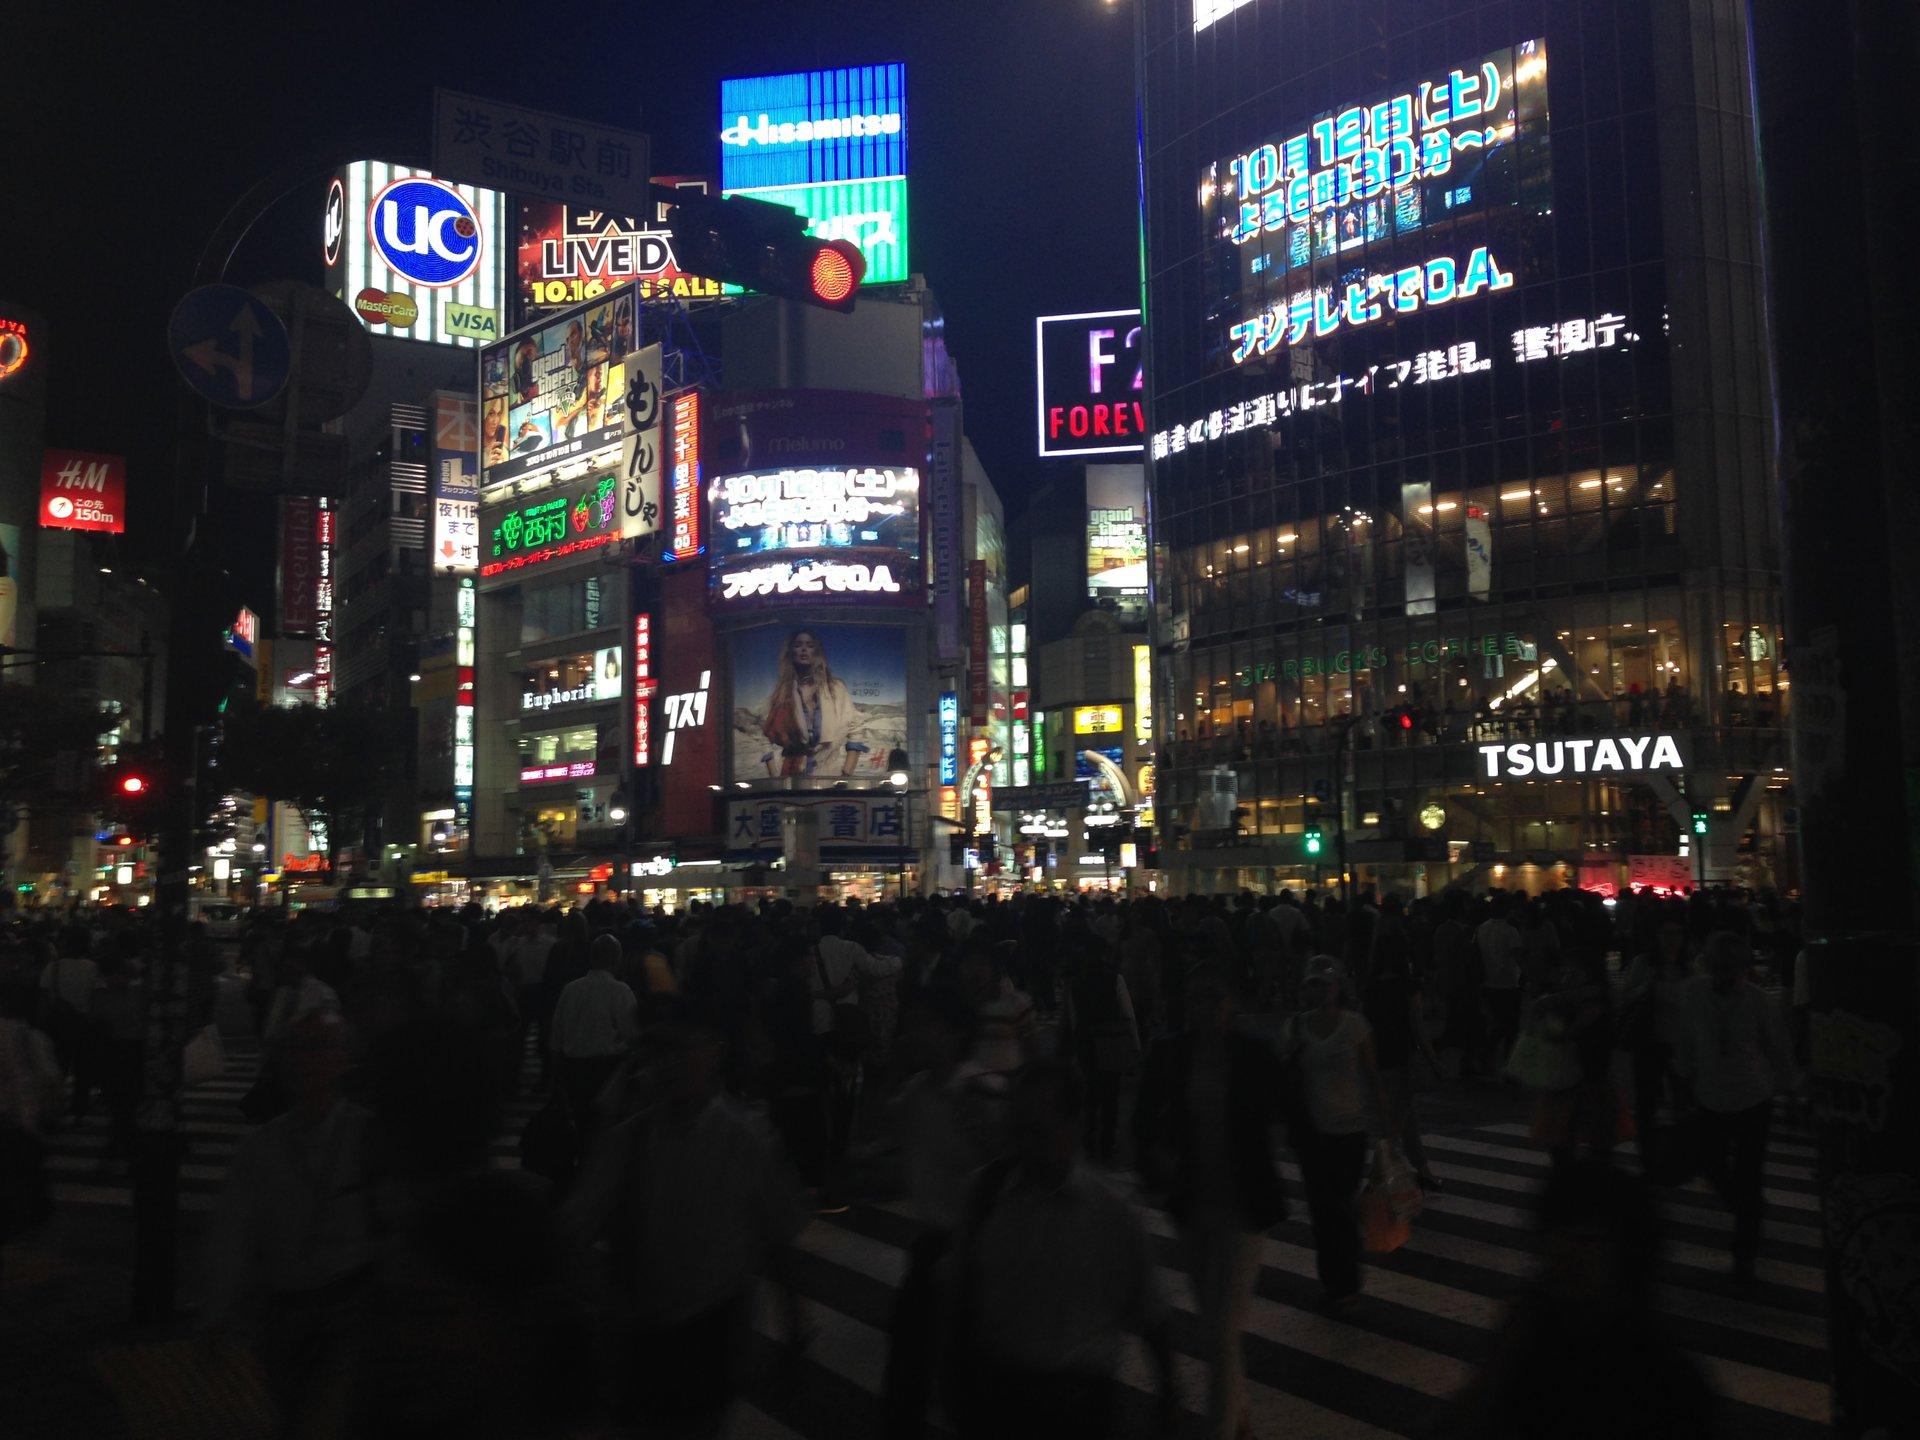 【カップルで真夜中デート】夜の都会はこんなにもエキサイティング!思いっきり渋谷を堪能しよう